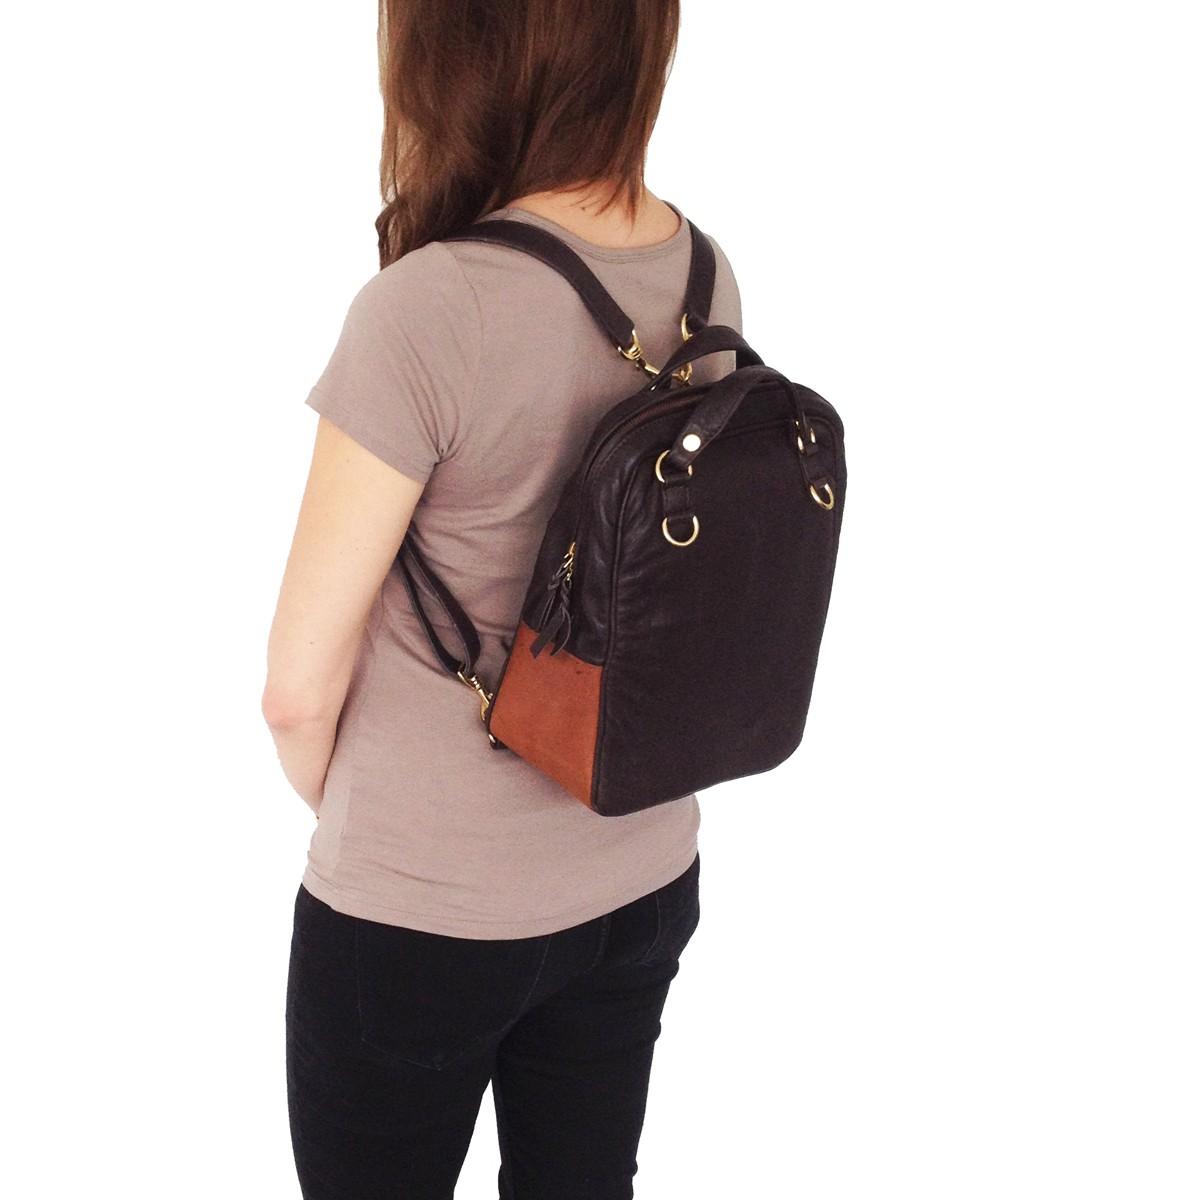 StockhausenDesign Rucksack - Tasche aus Leder   selekkt.com